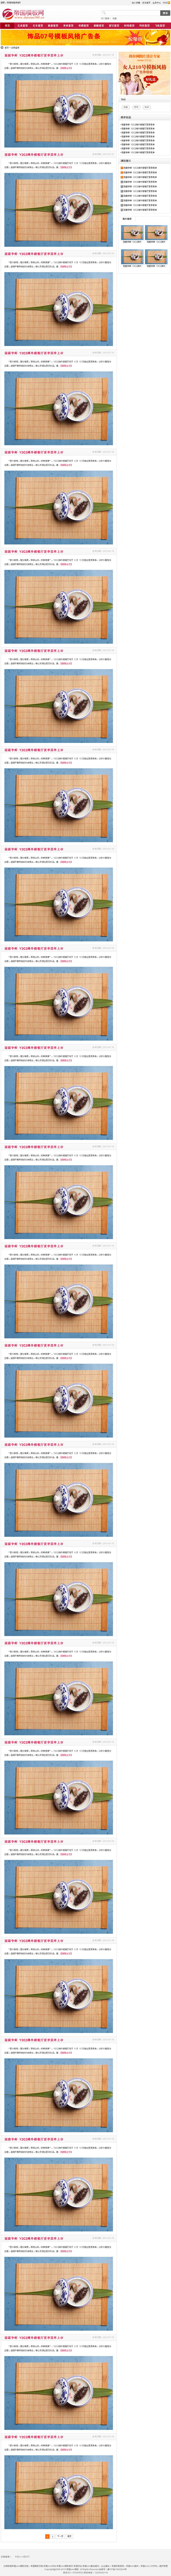 帝国cms博客型新闻文章资讯图片模板_列表页